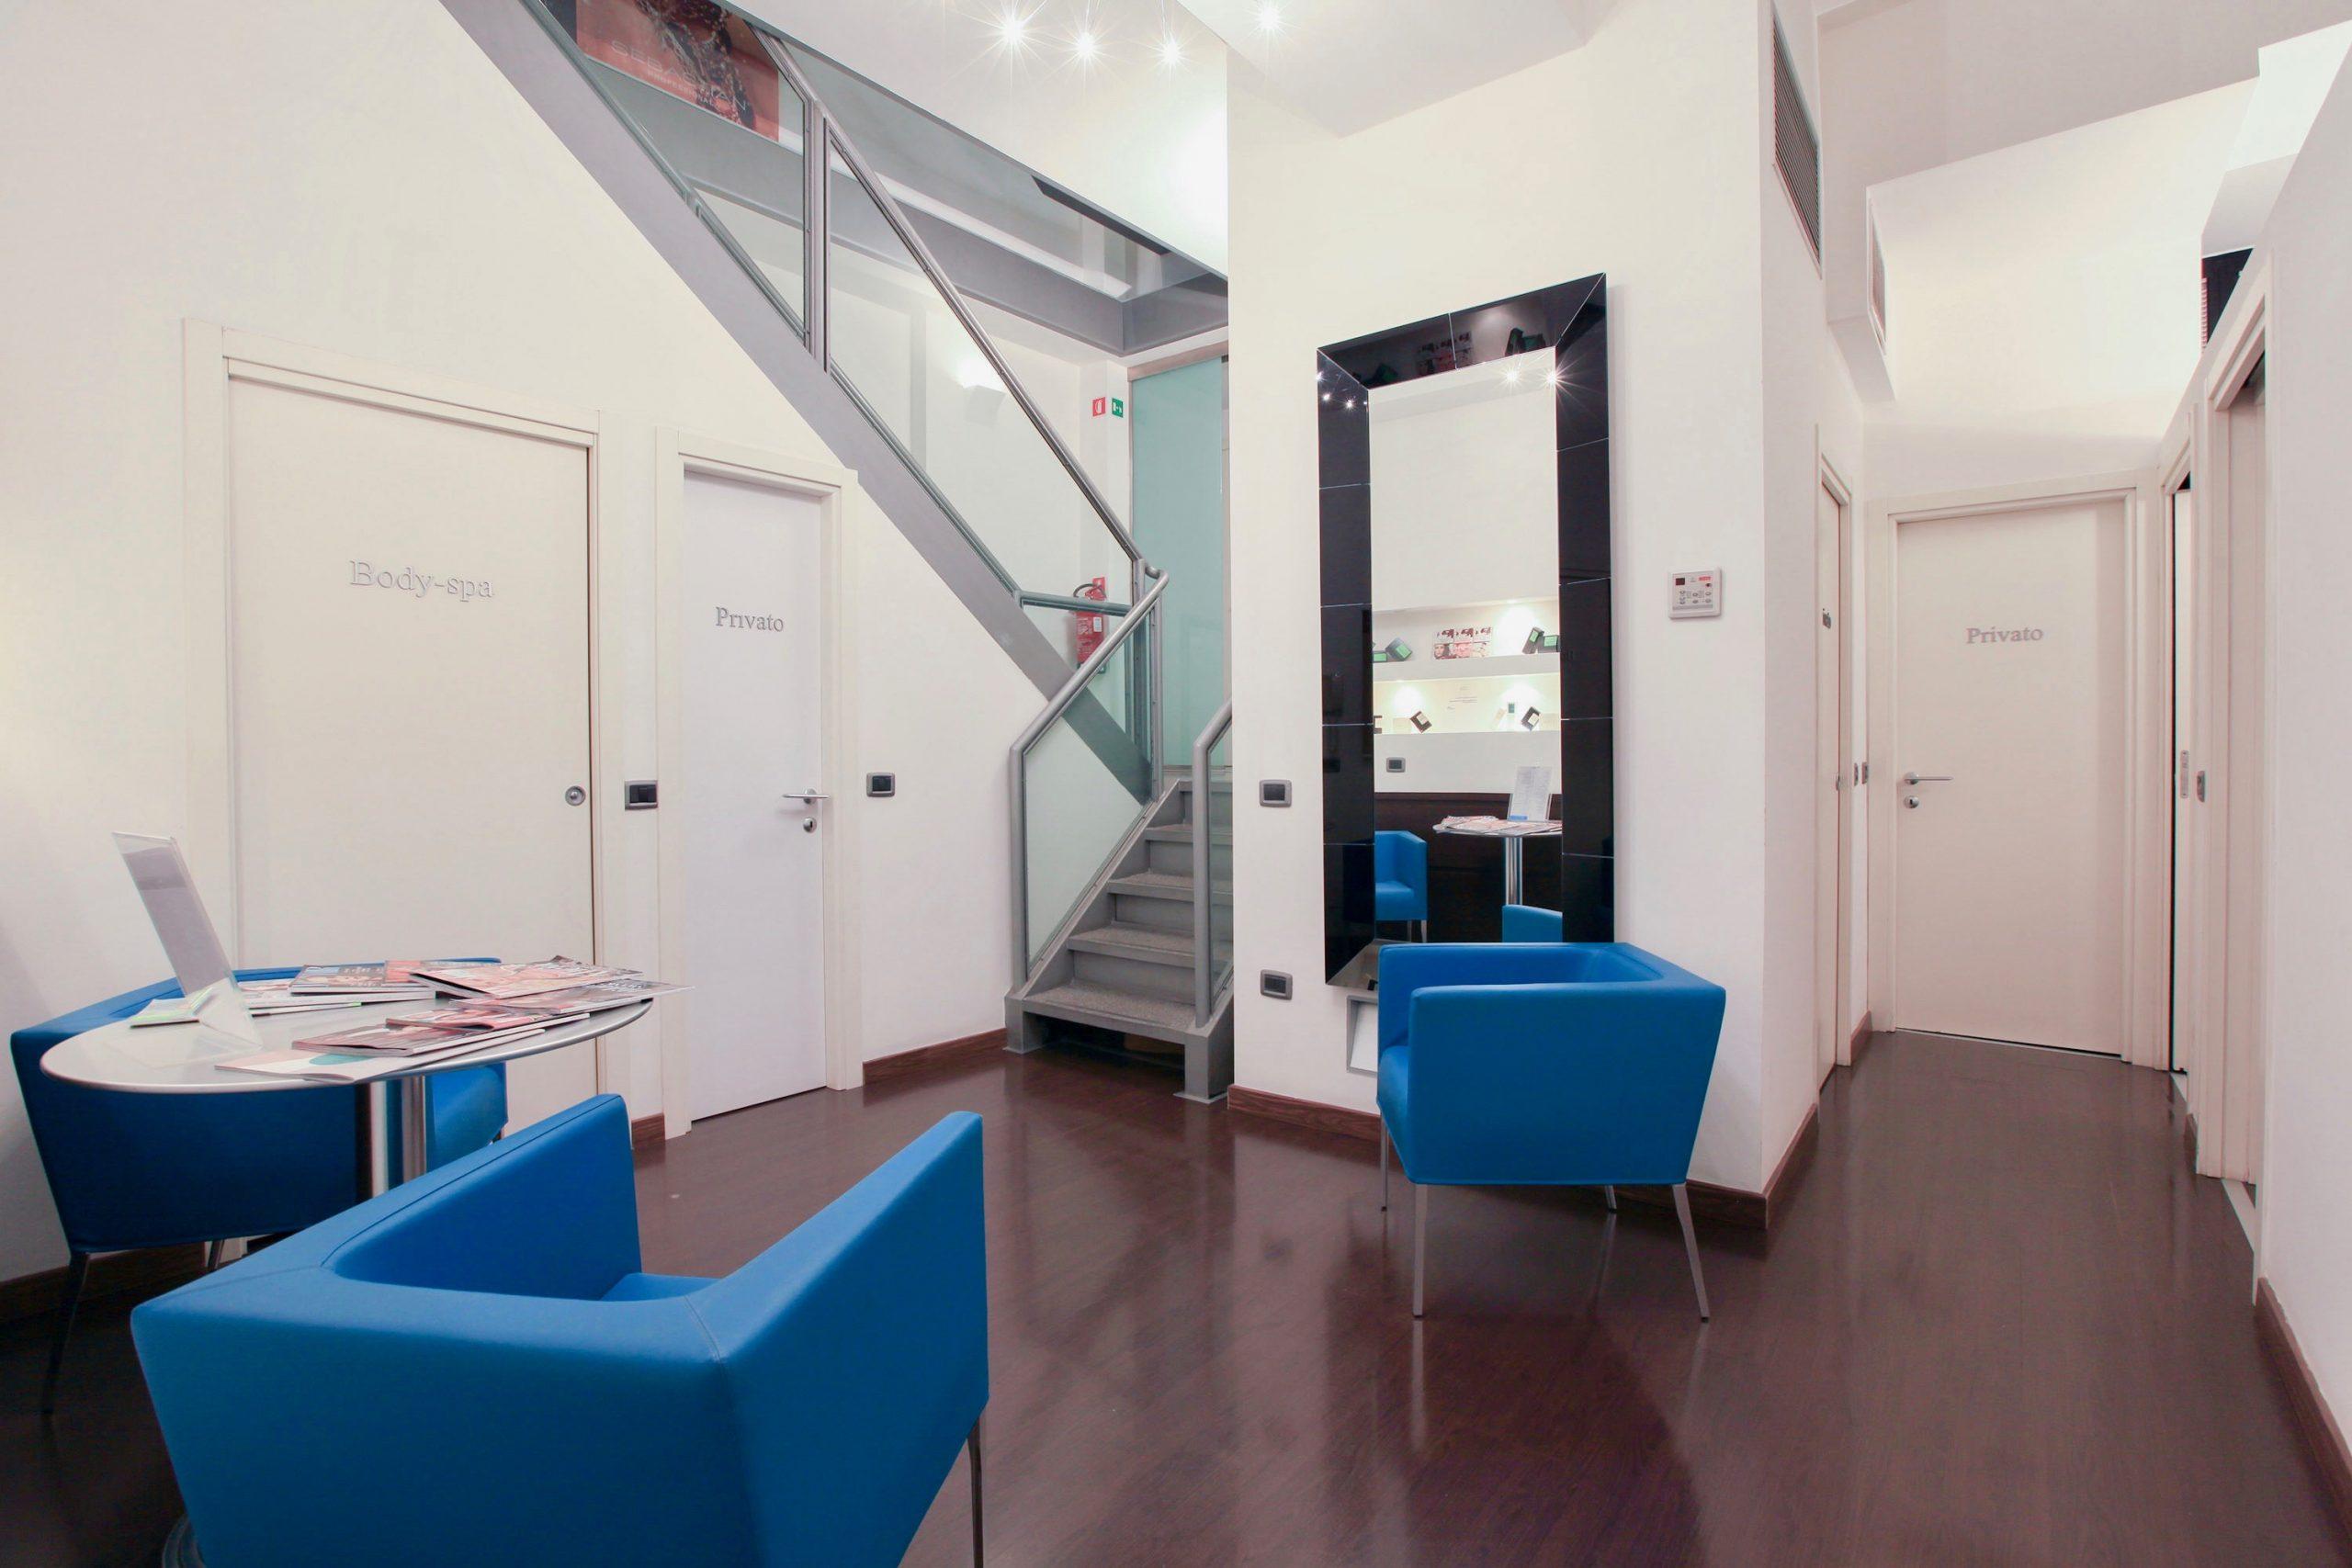 Centro estetico professionale milano